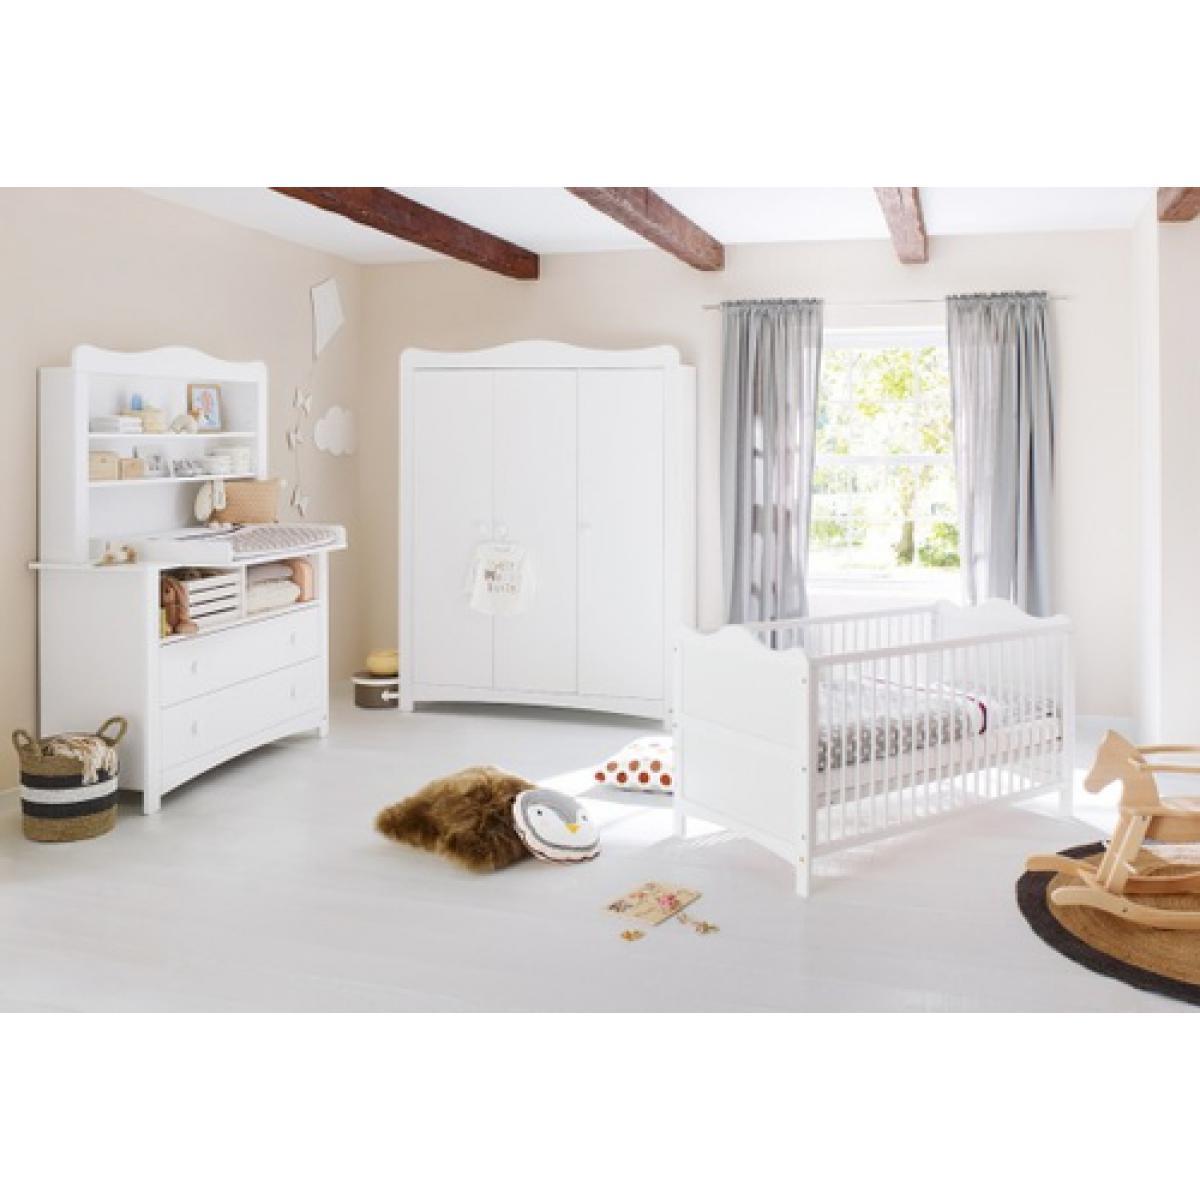 Pinolino Pinolino Chambre de bébé Florentina 3 pièces lit de bébé évolutif commode à langer armoire